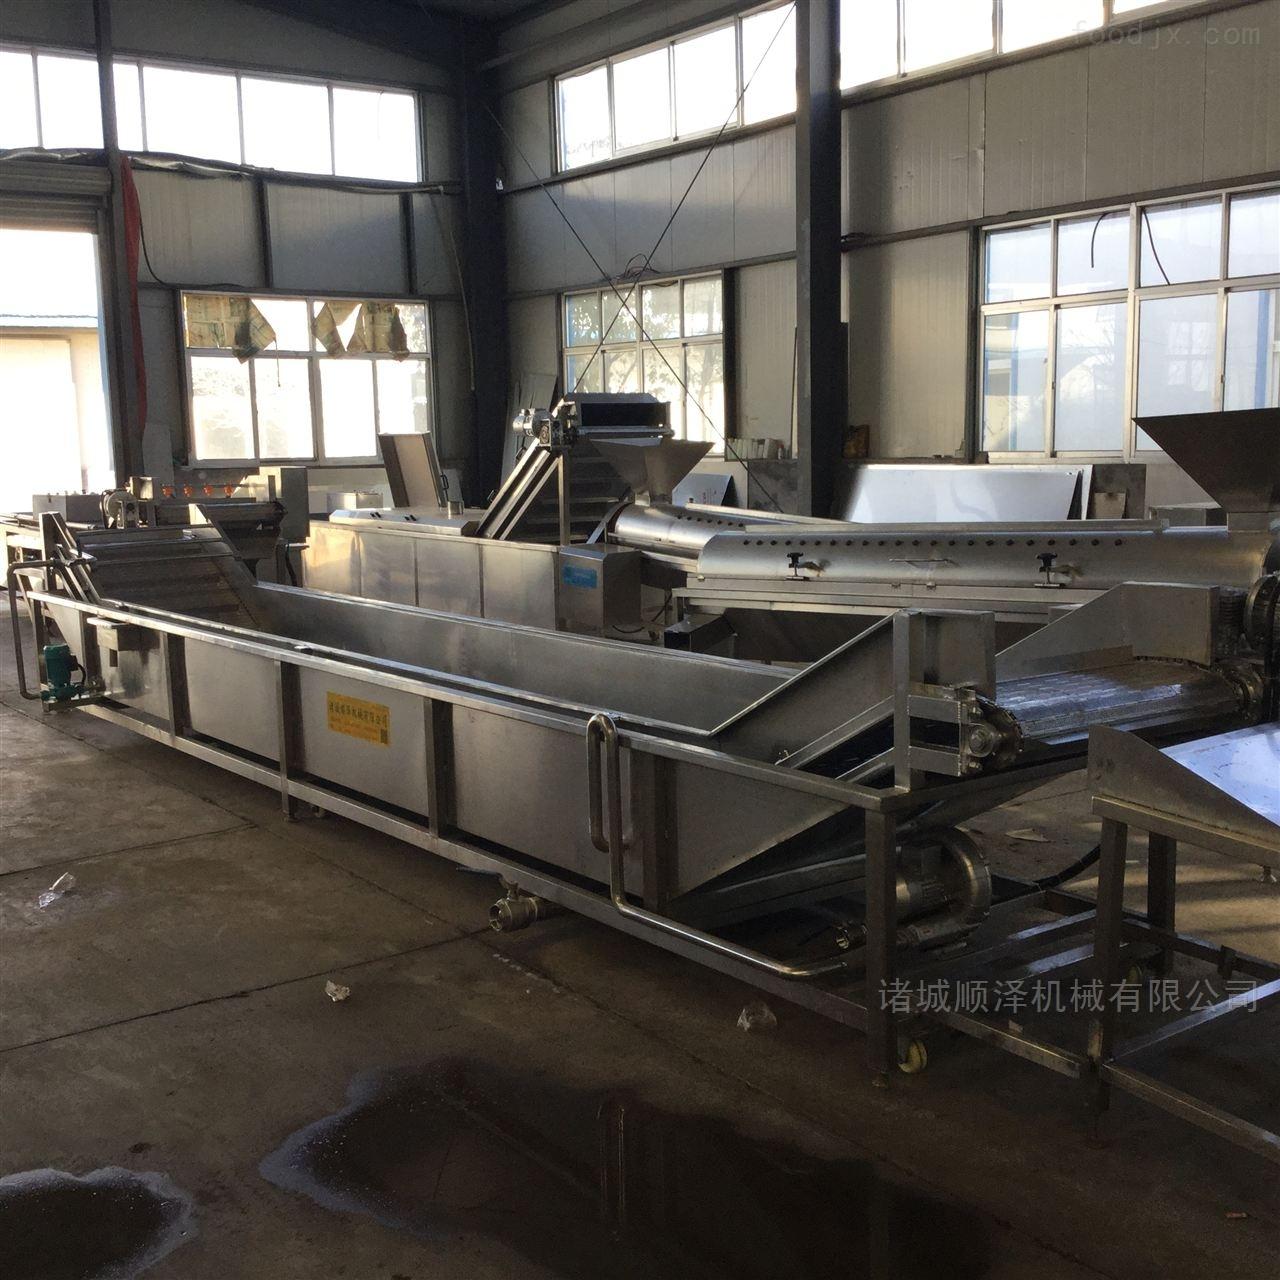 威海专供多功能高效鳕鱼鱼片裹冰衣设备